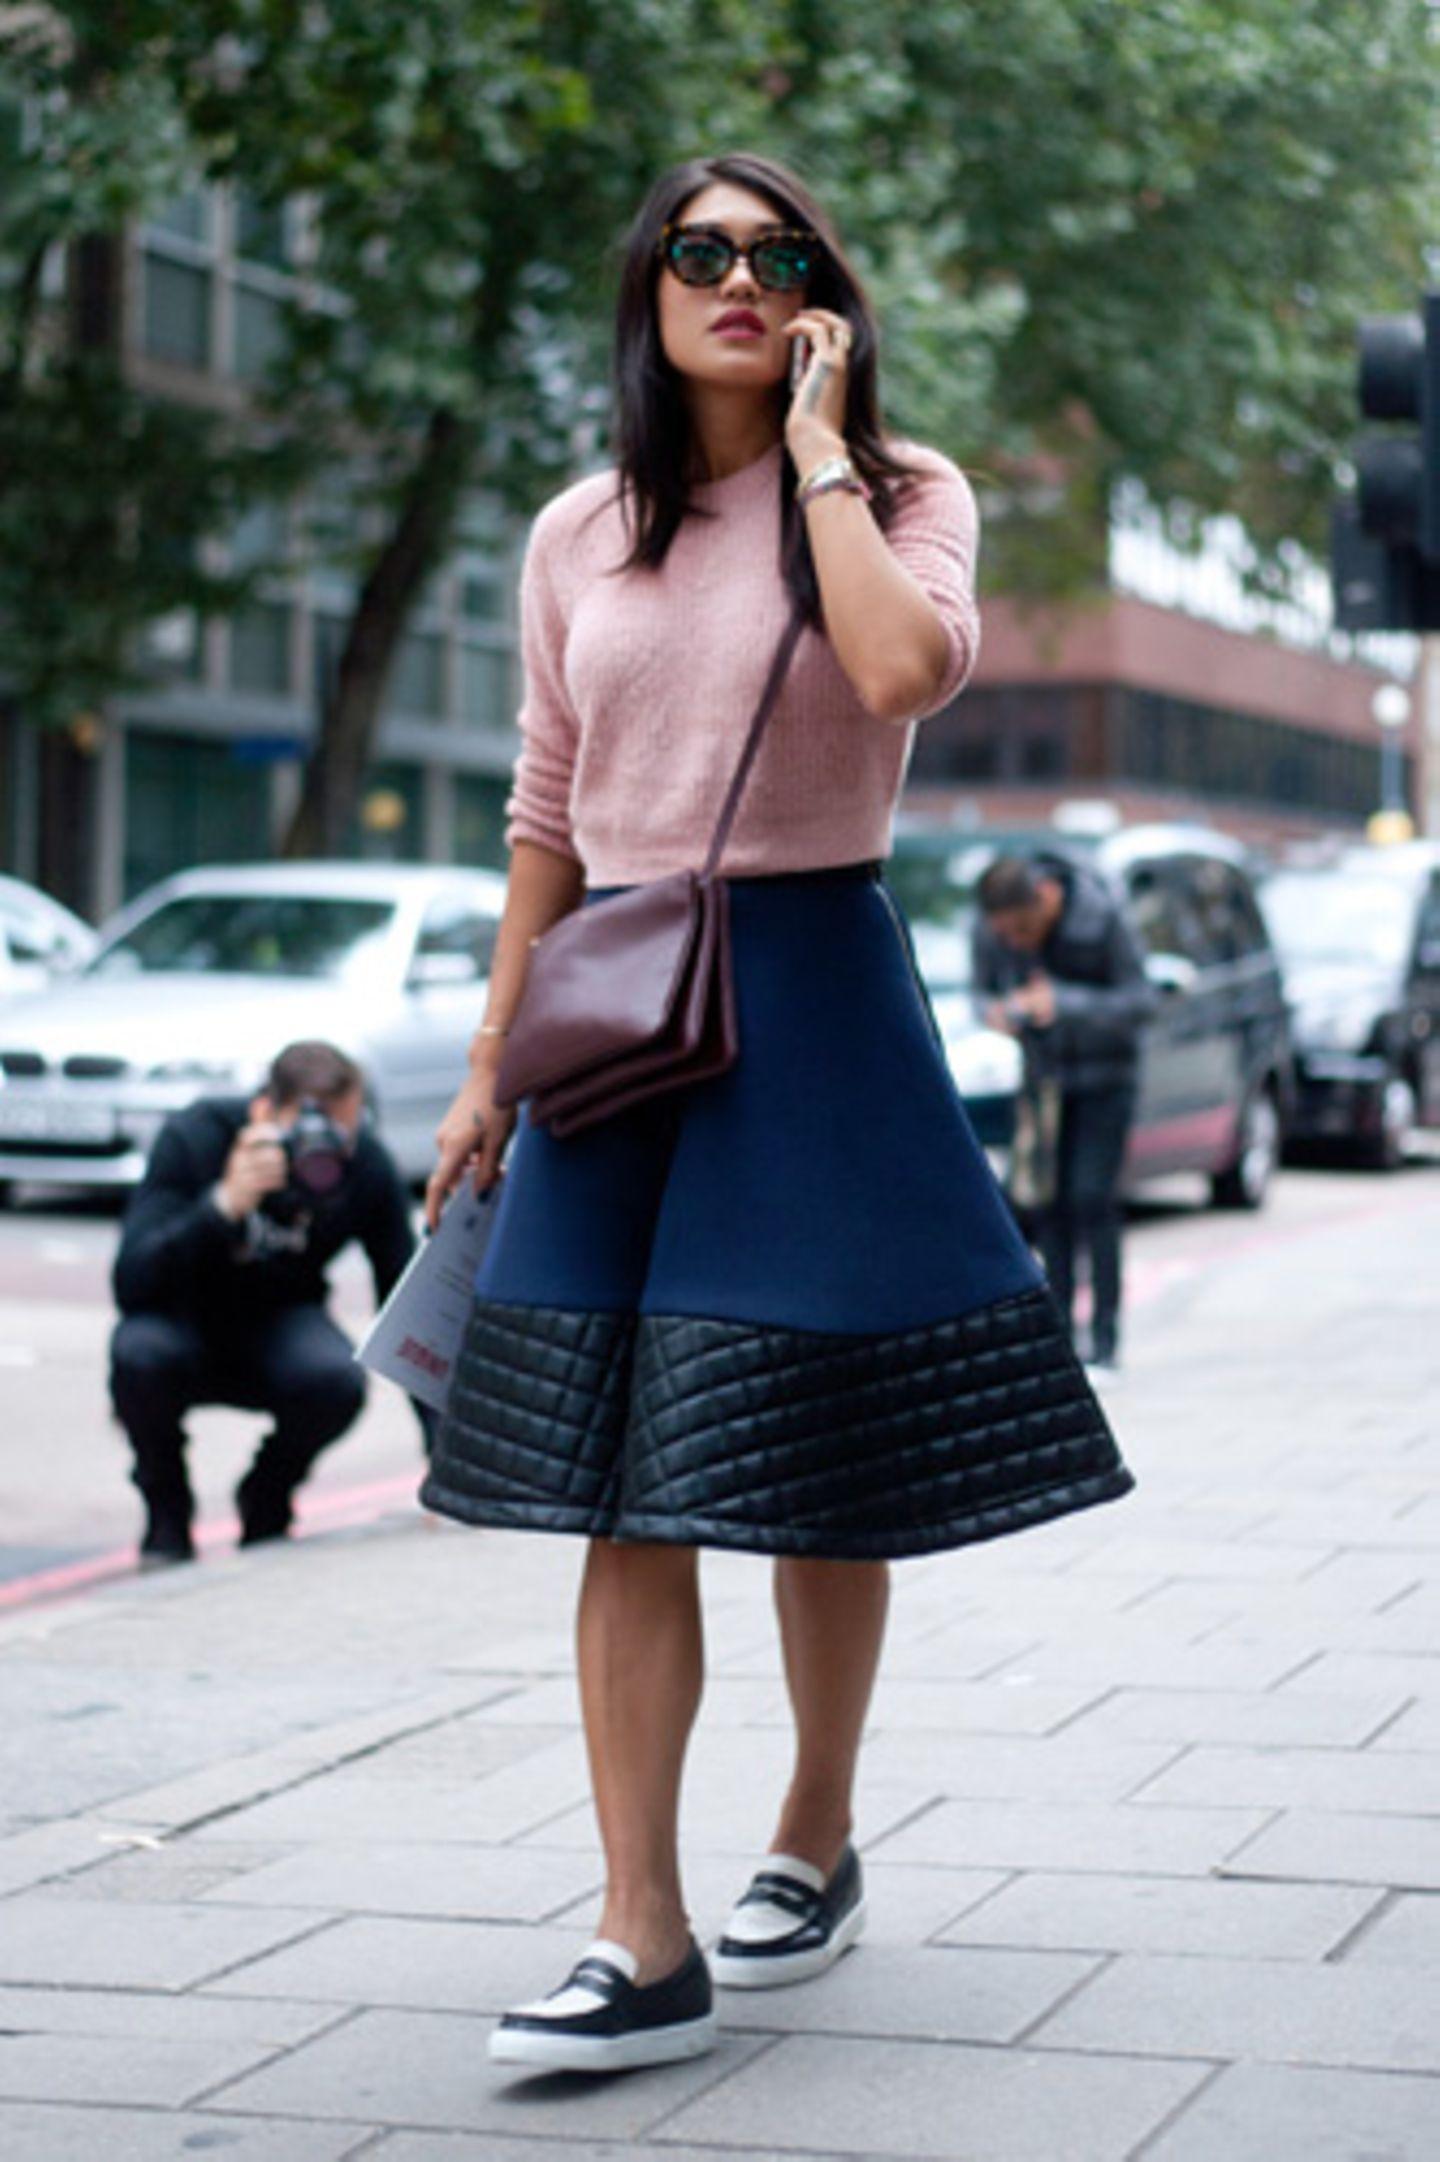 Schön ausgestellte Röcke sind ein Figurschmeichler - knapp unter dem Knie endend kaschieren sie bei Bedarf jede kräftige Hüftpartie. Aus festem Neopren schwingt der Rock besonders gut!